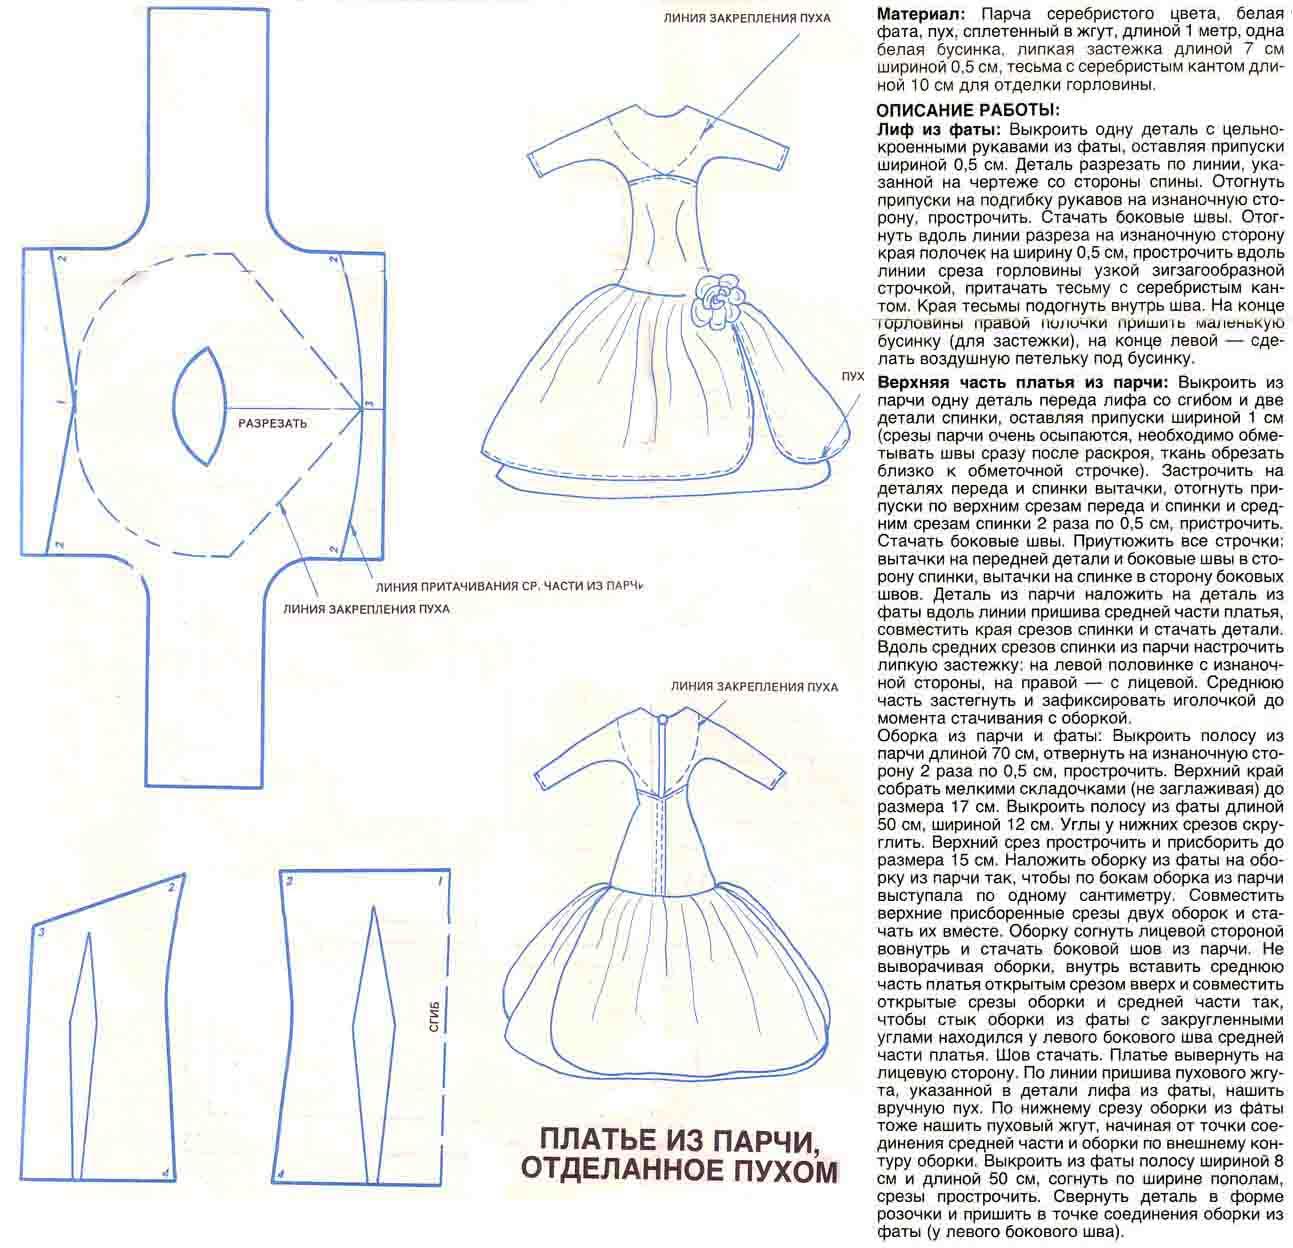 Выкройки платьев по польским лекалам